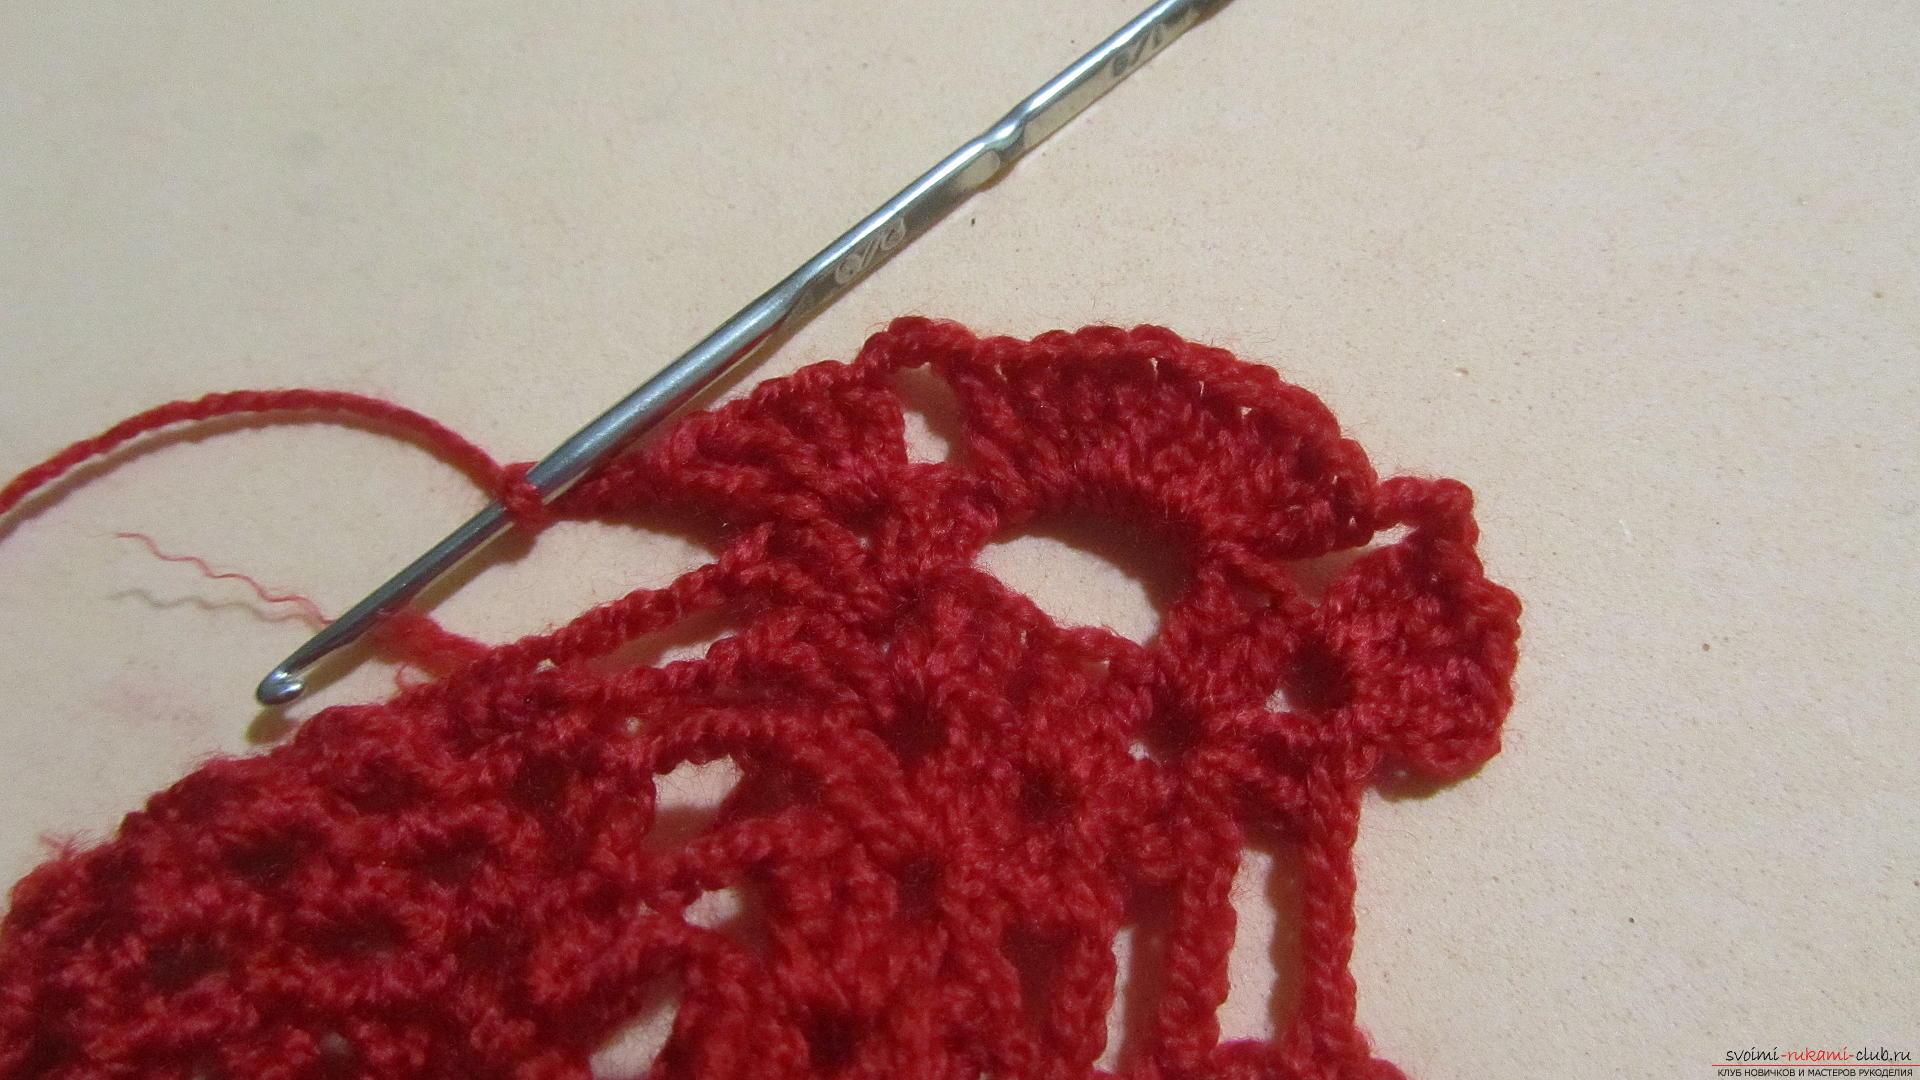 Одежду для мягких игрушек можно связать крючком своими руками, будем одевать игрушечную обезьянку.. Фото №28